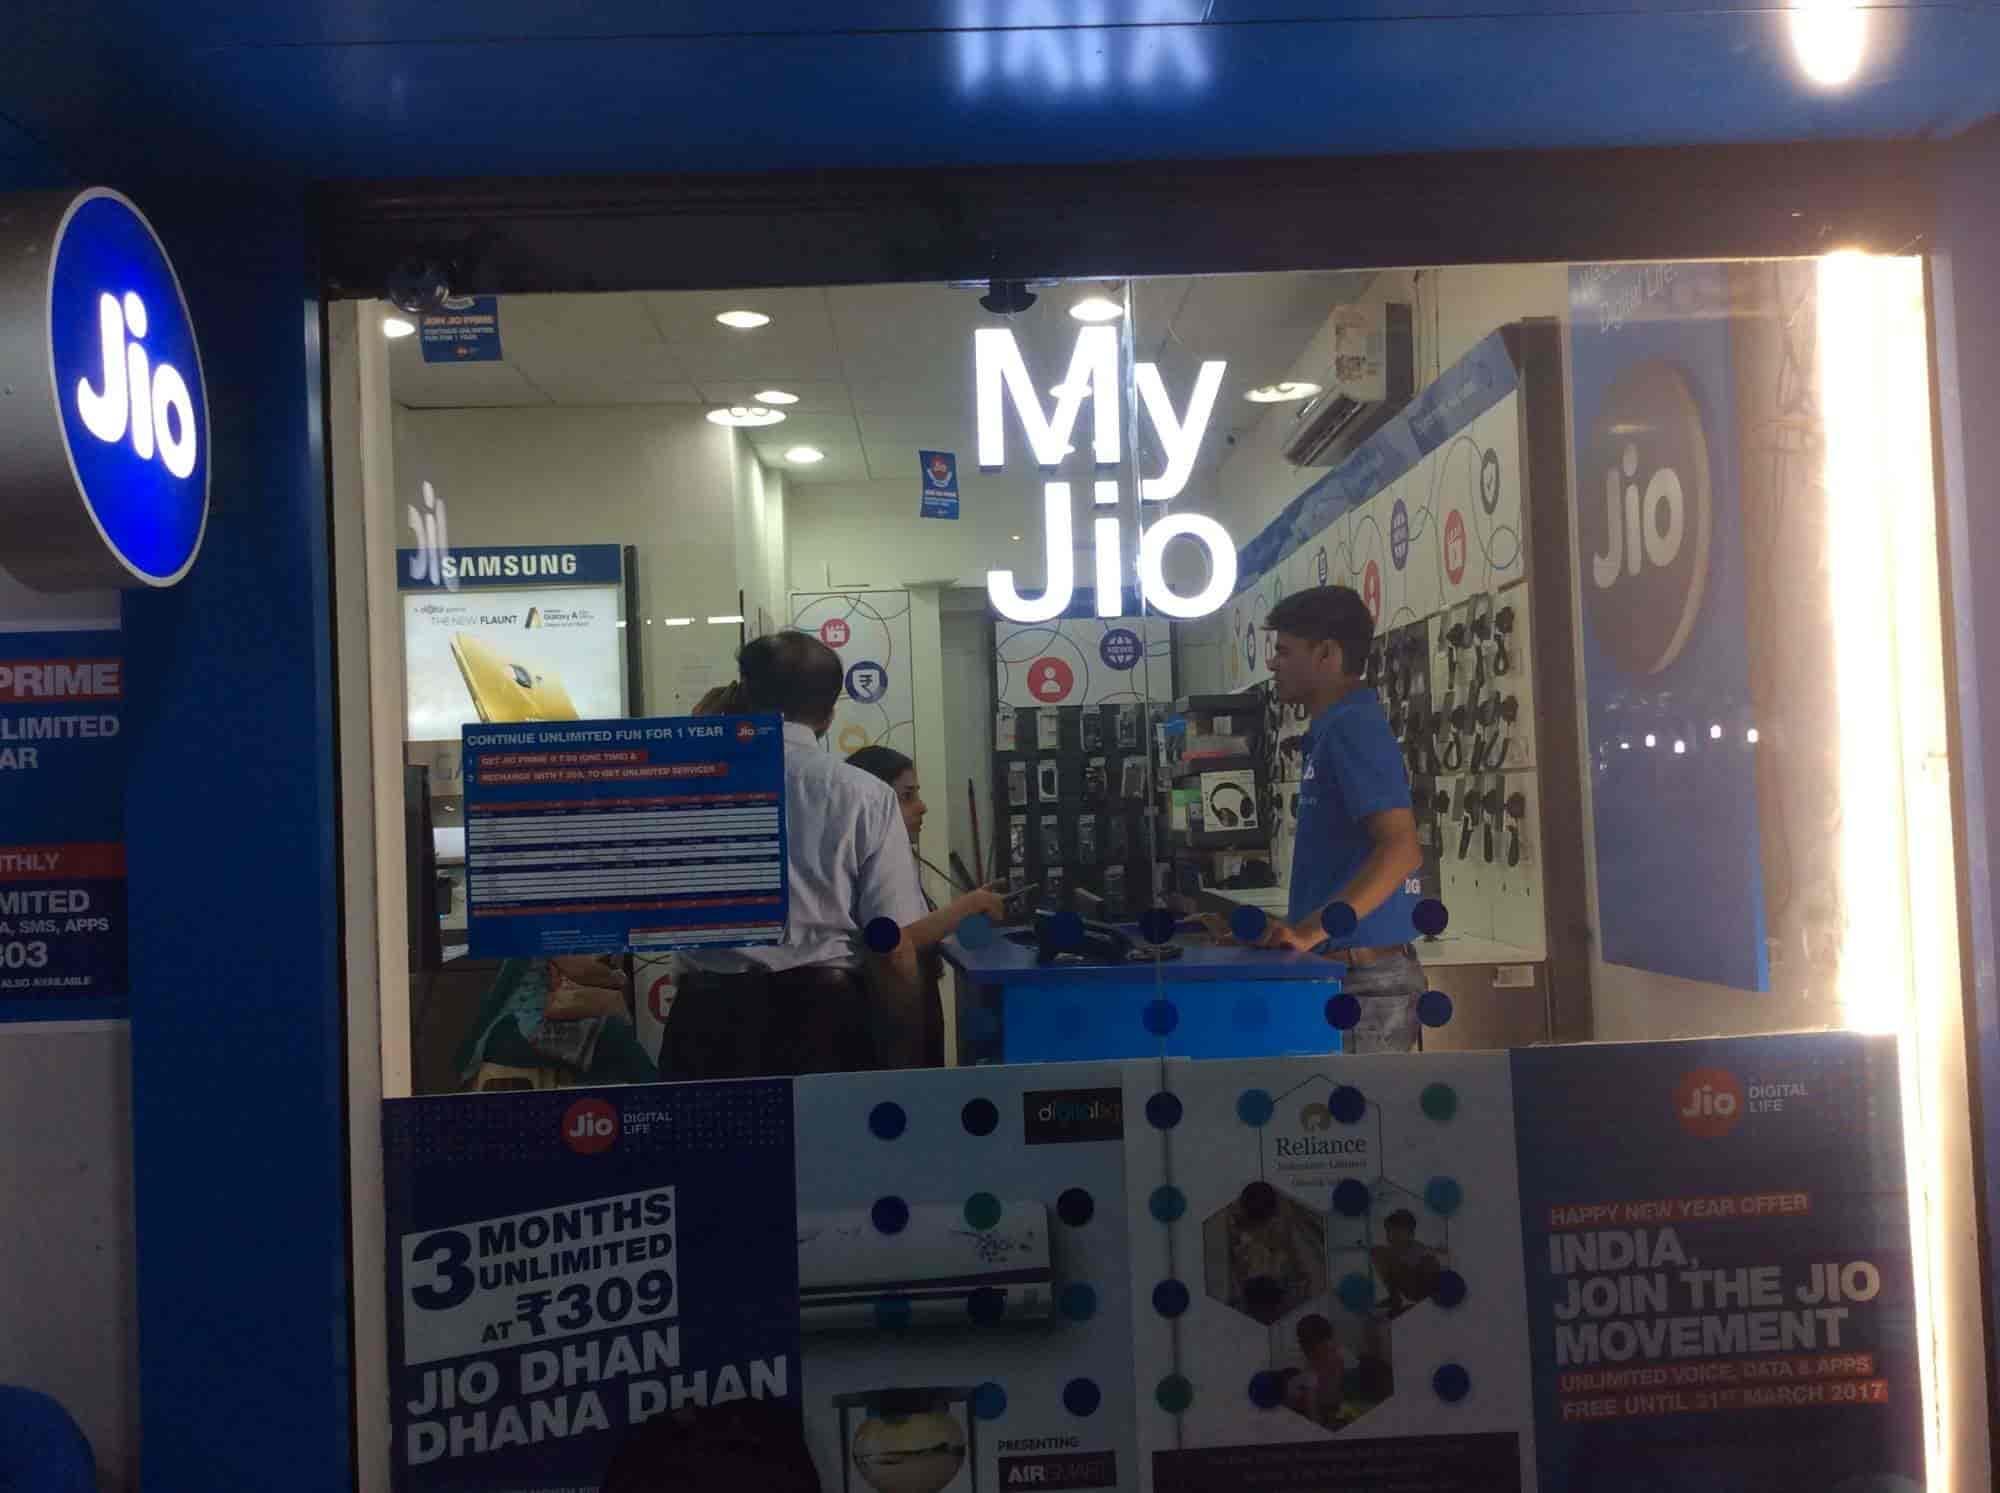 Jio Digital Life, Vile Parle West - Mobile Phone Dealers in